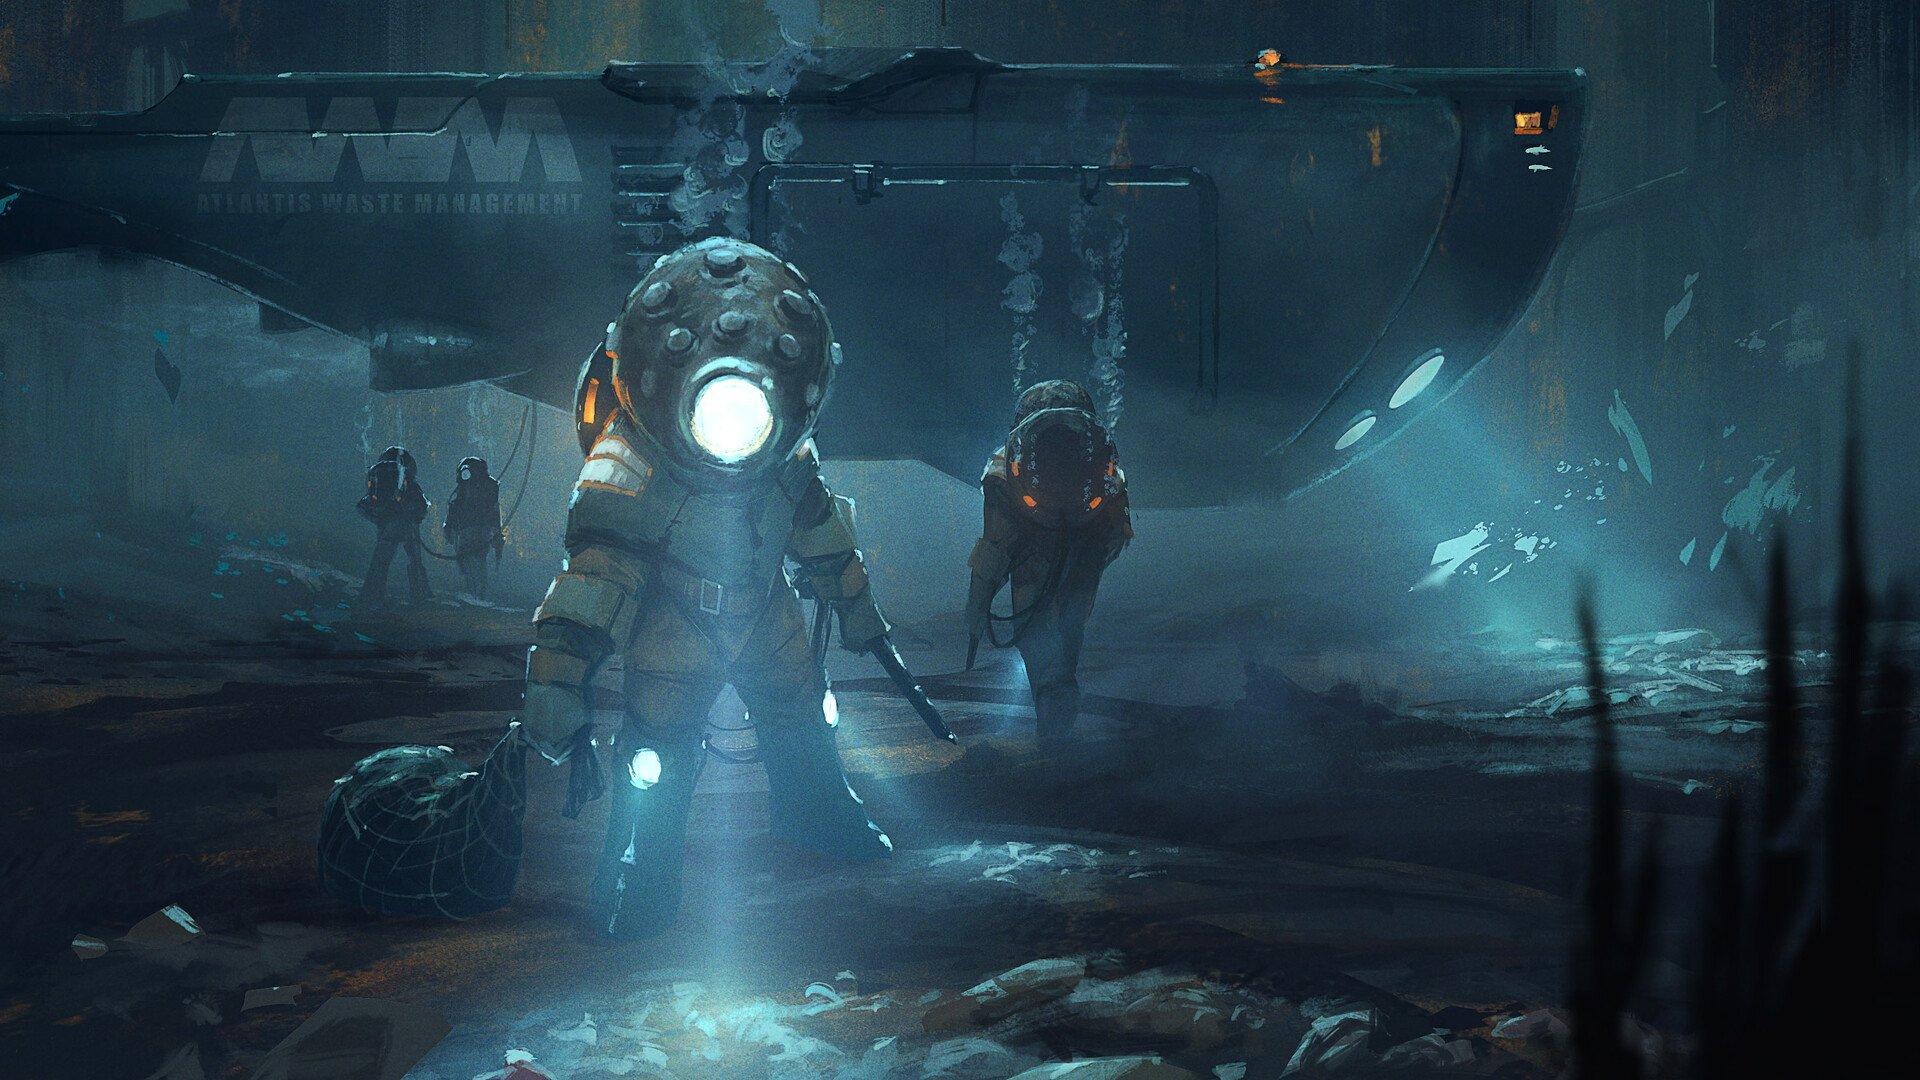 Risultato immagini per underwater movie   1920x1080